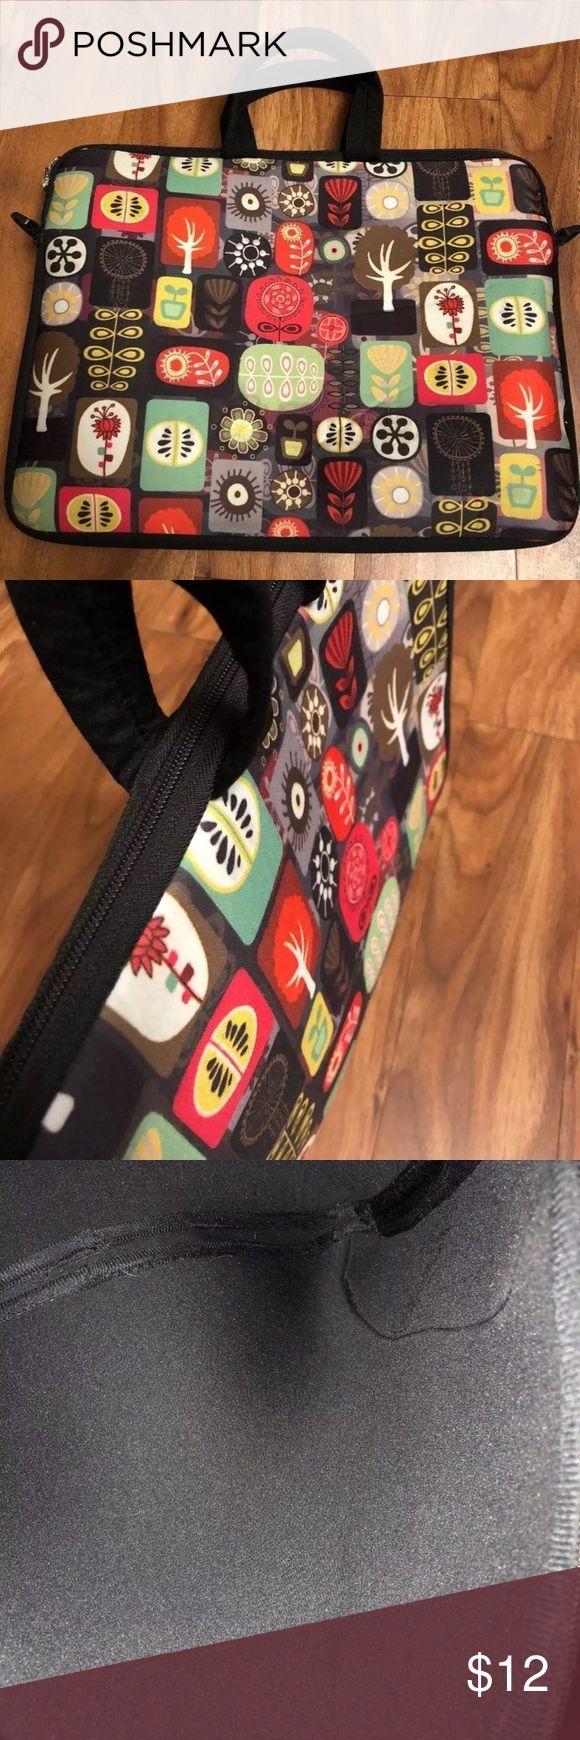 """MyGift 14"""" Laptop Sleeve Carrying Case Neoprene-Like Laptop/Carrying/Bag Sleeve Case Cover 14"""" wide Other"""